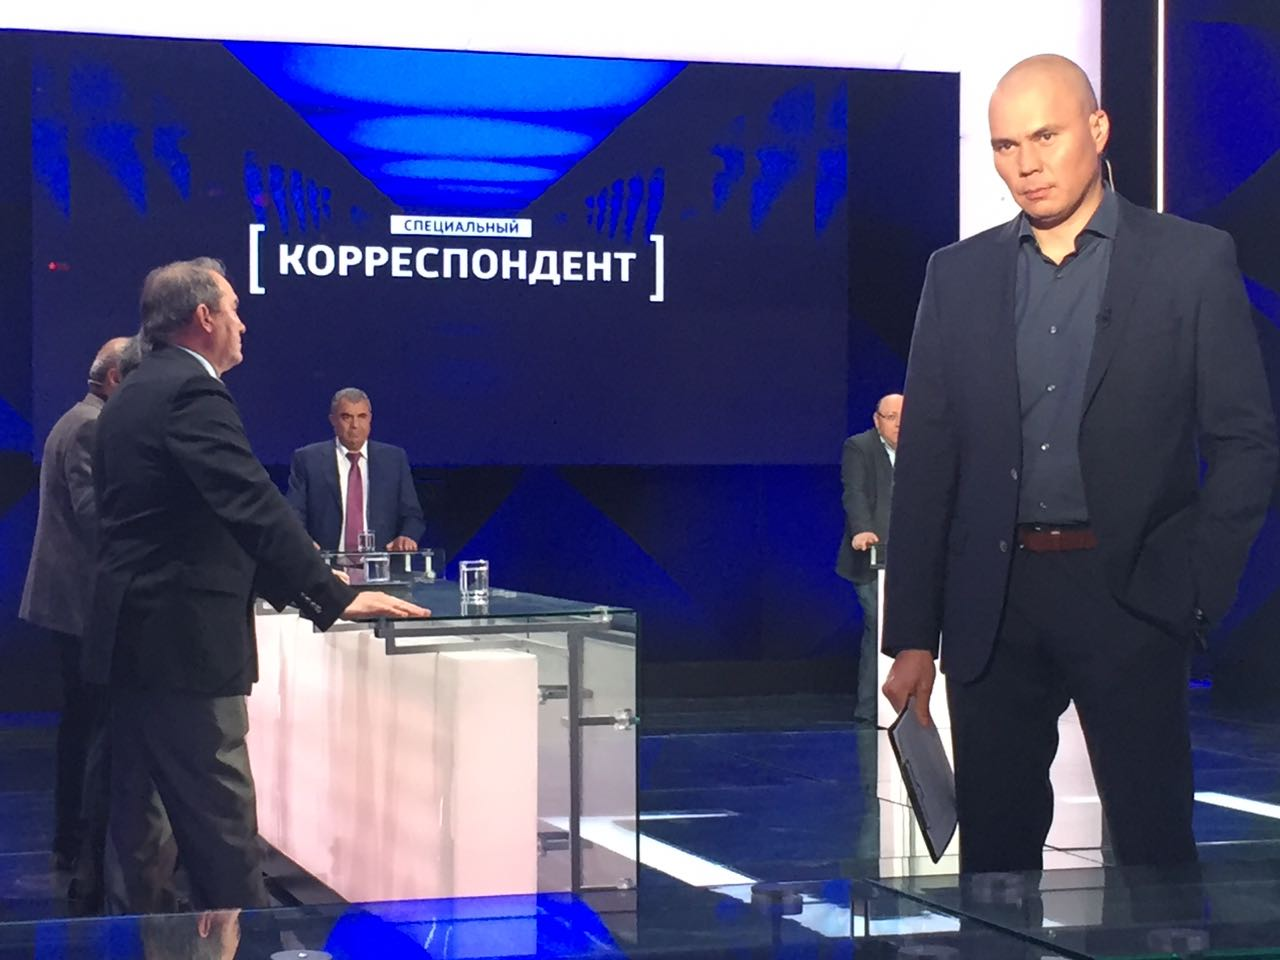 Андрей Медведев, Москва - фото №1